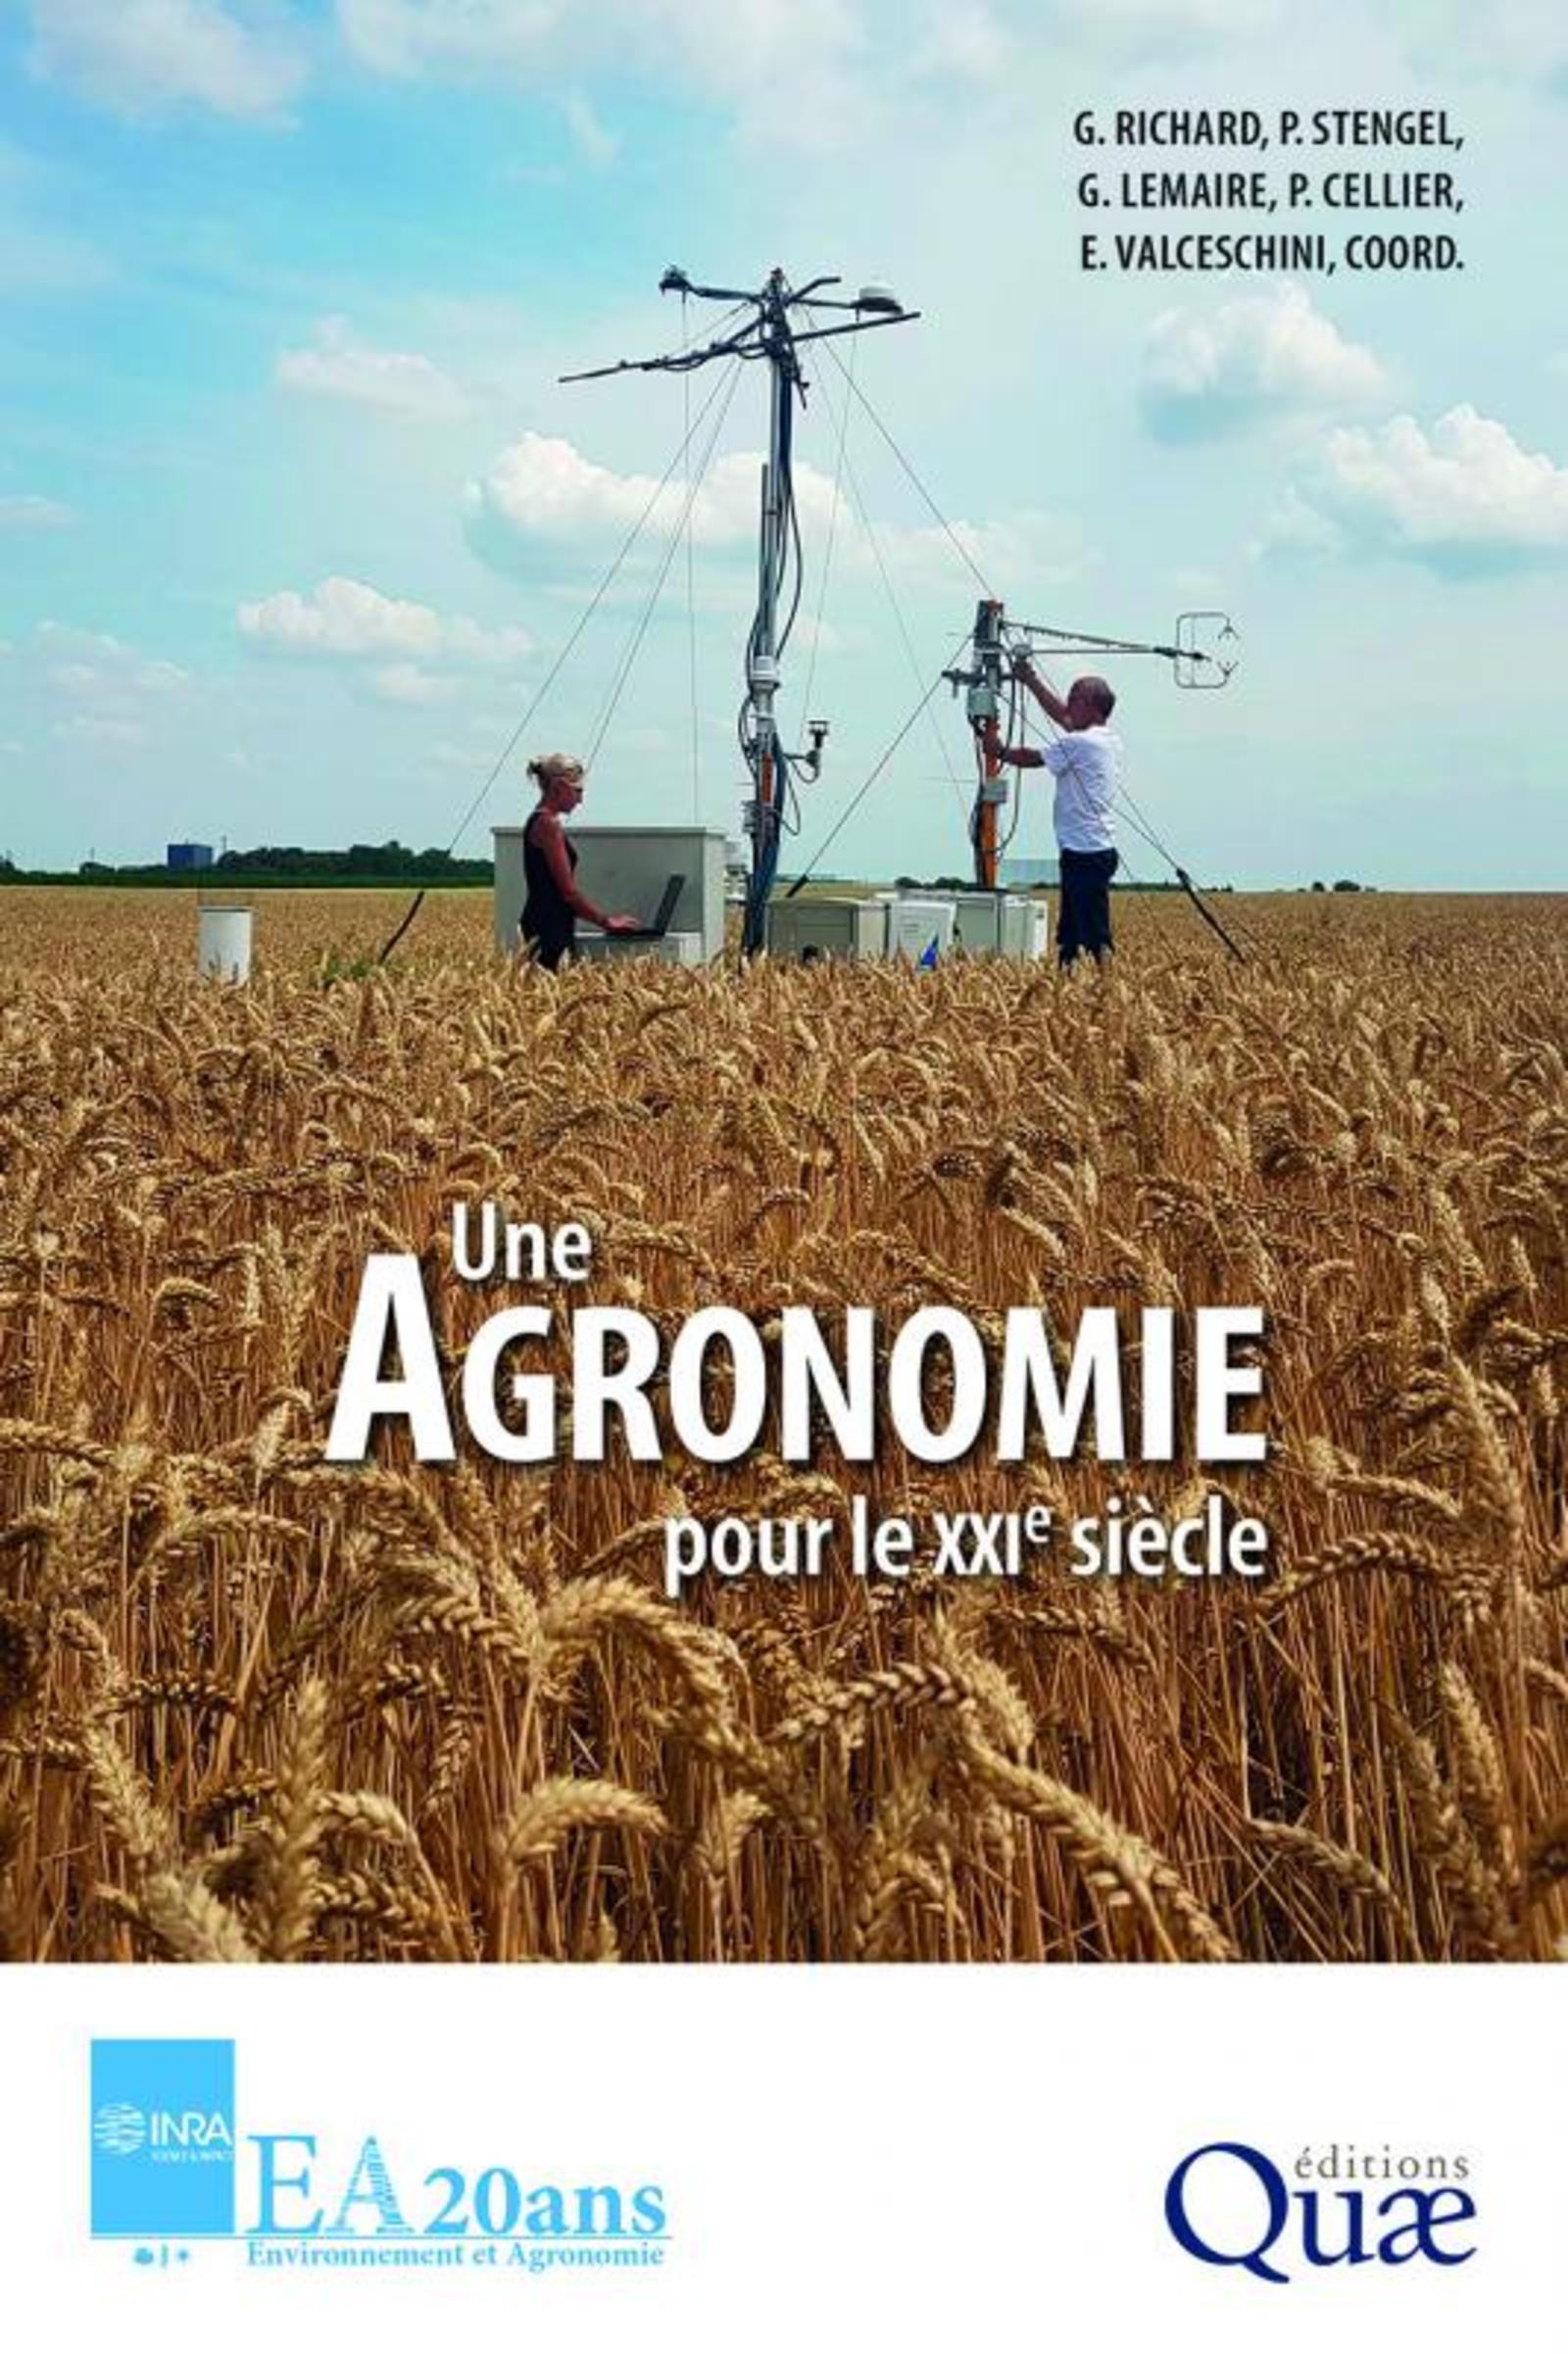 UNE AGRONOMIE POUR LE XXIE SIECLE